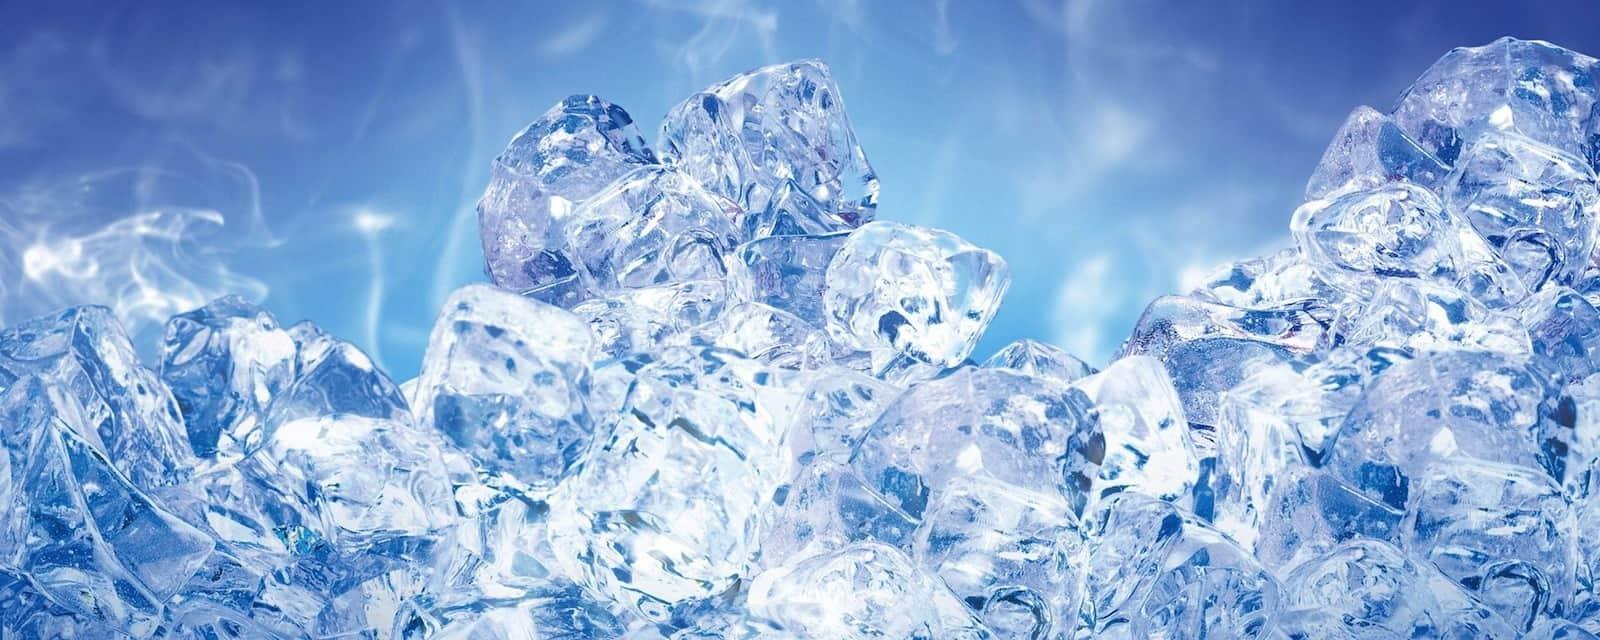 20170414 odette289135 id124656 Imagen 3 - Signos de agua. Las diferencias de su energía emocional. - hermandadblanca.org